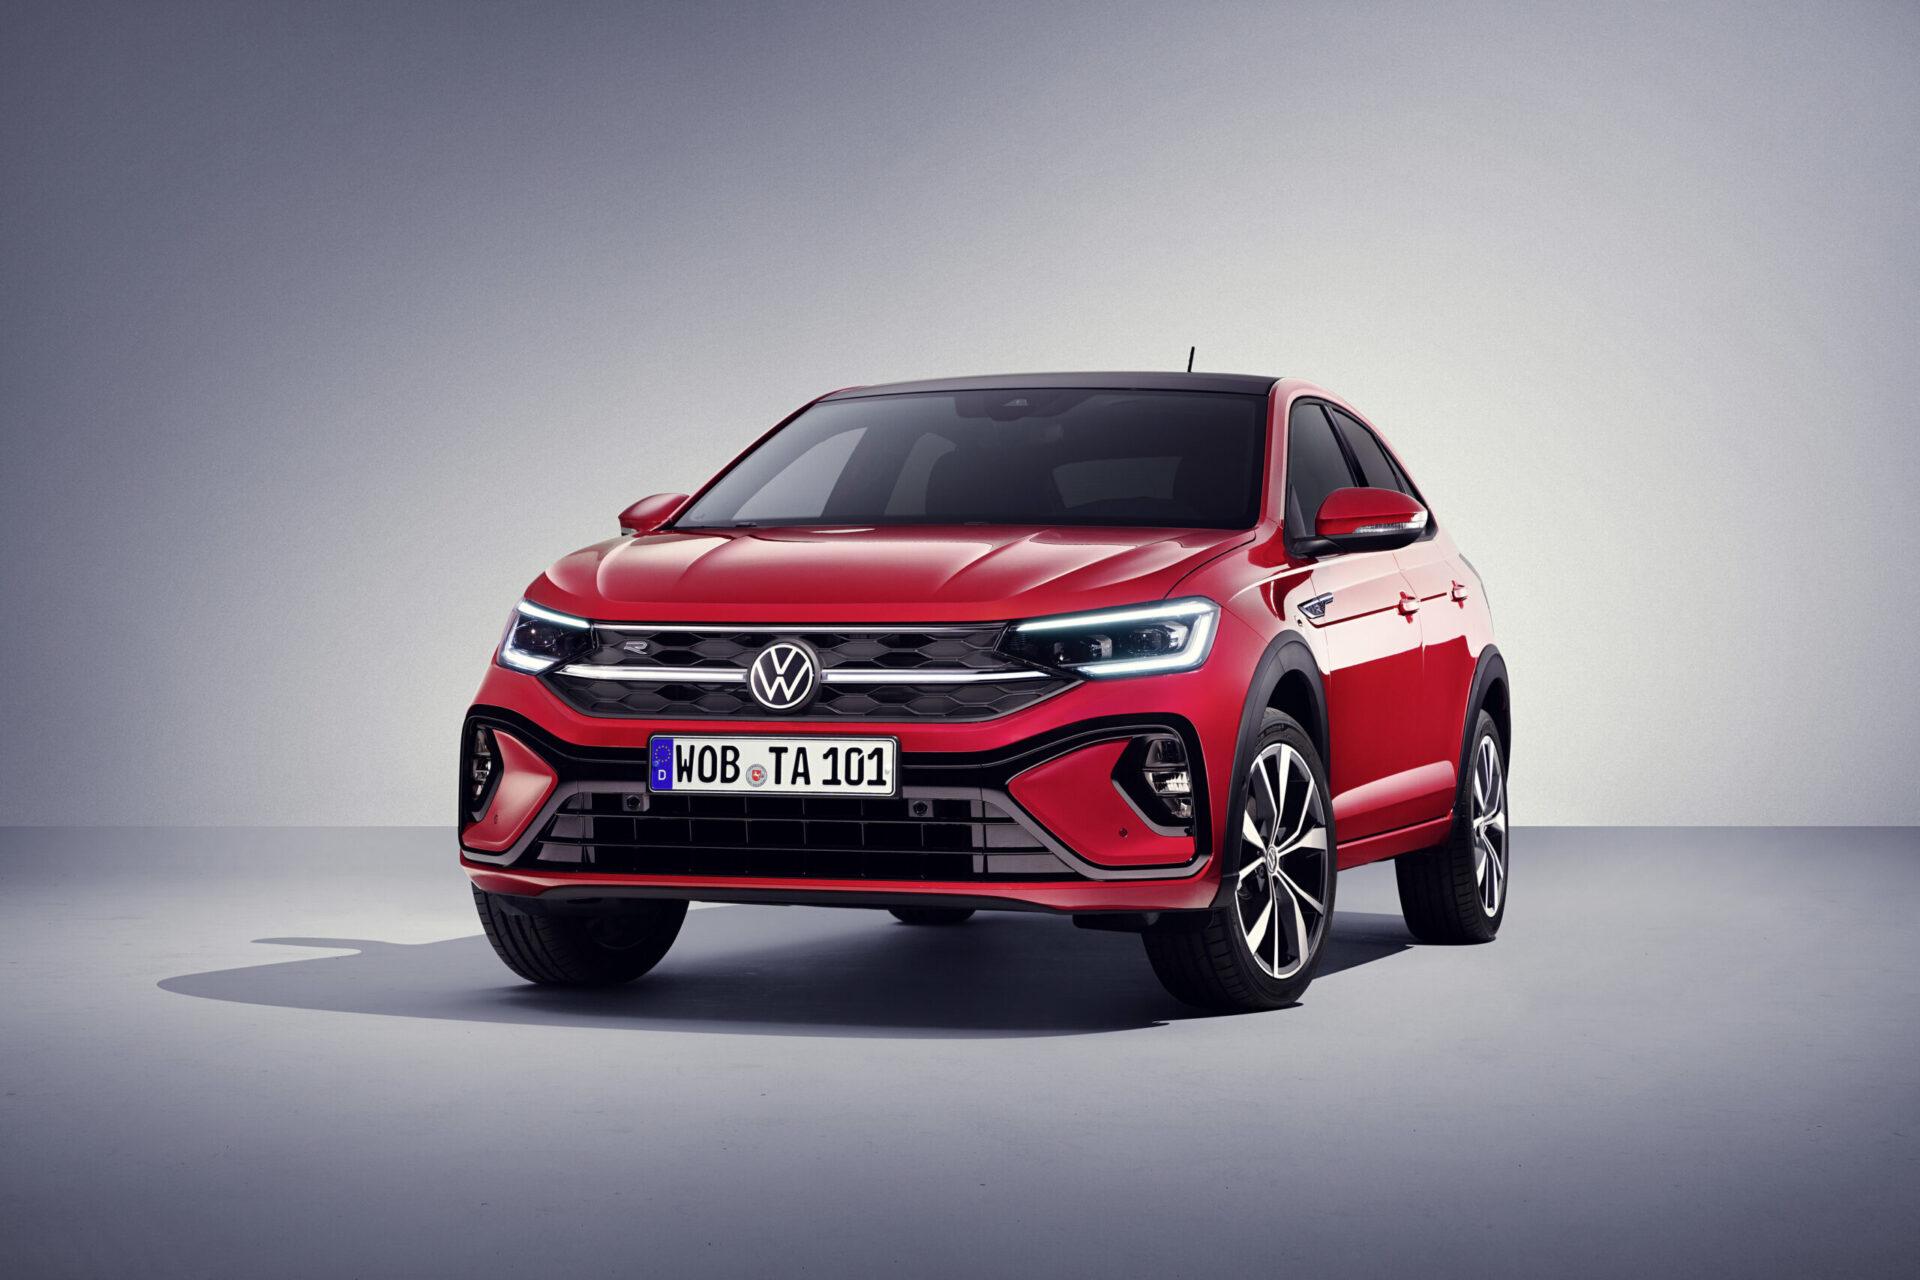 Volkswagen официально показал новый купе-кроссовер Taigo на видео